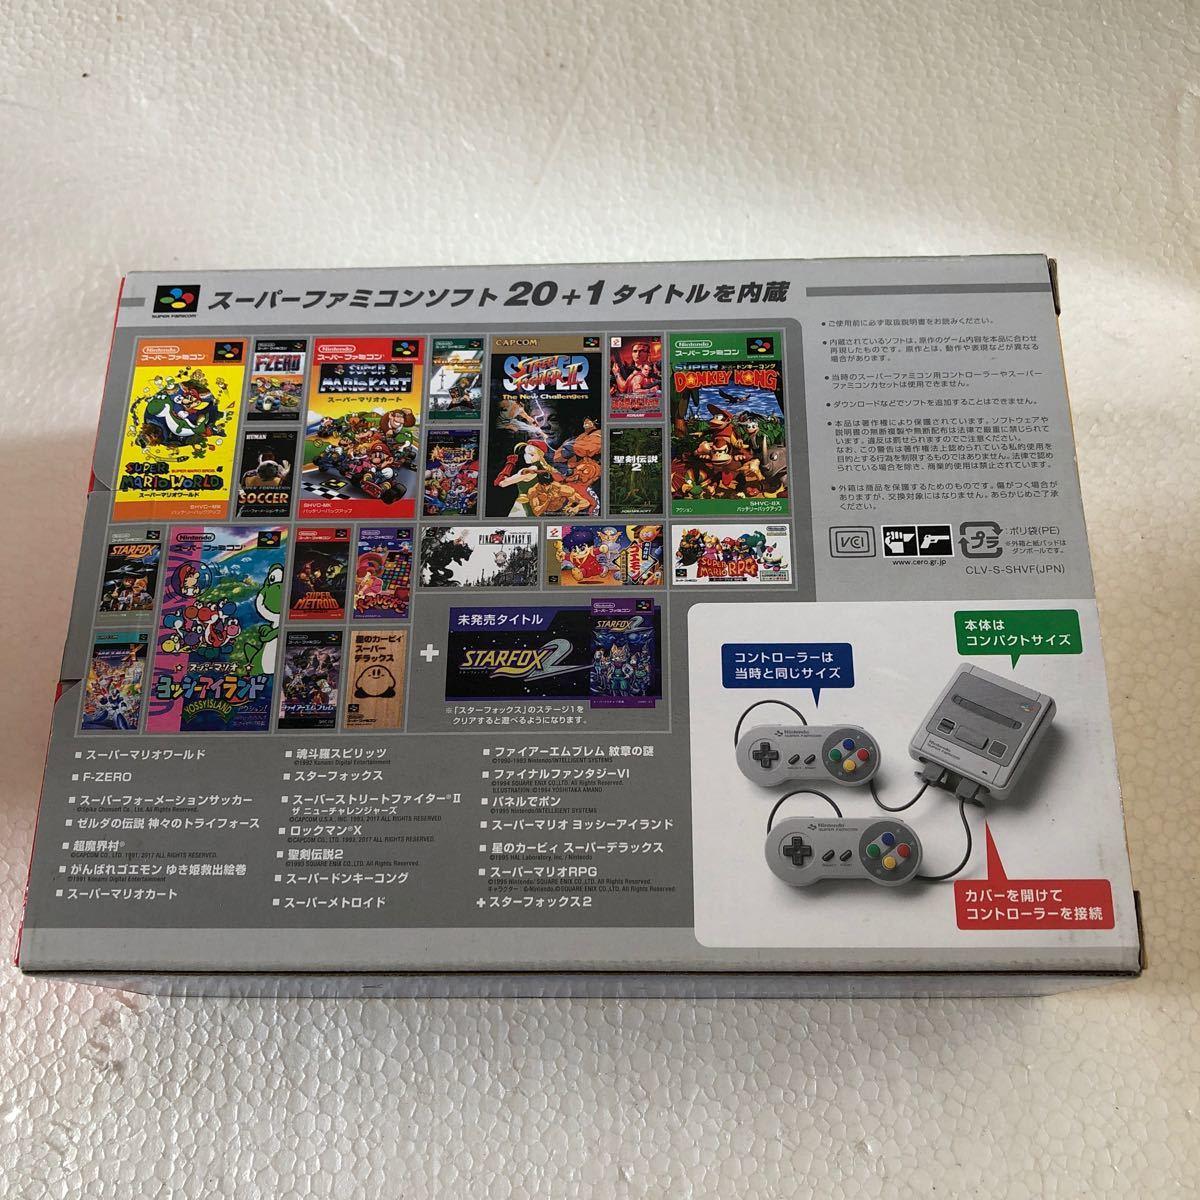 【新品未開封】ニンテンドークラシックミニスーパーファミコン 生産終了レア